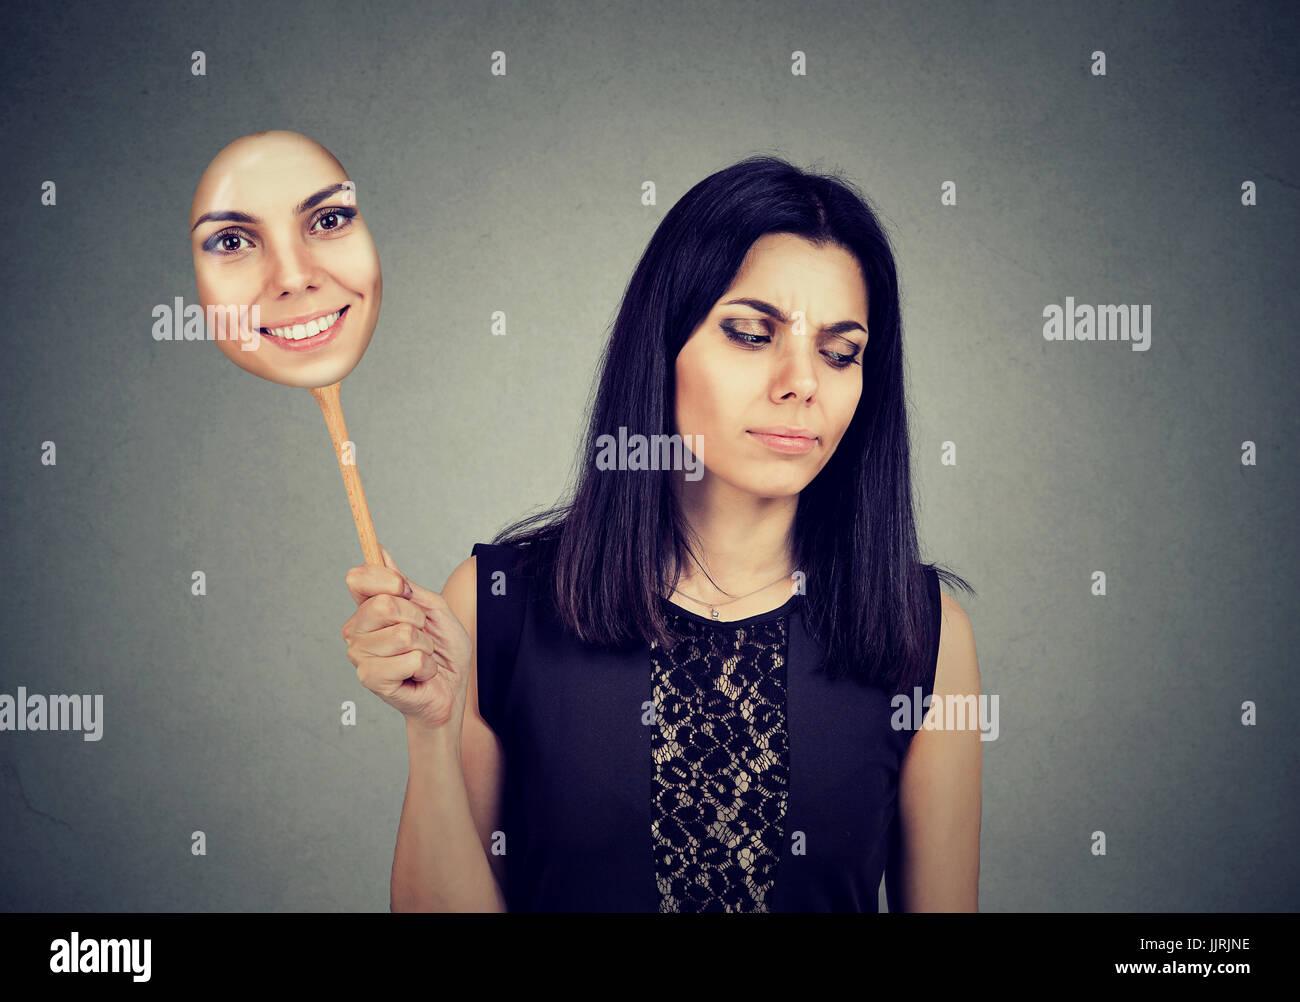 Junge Frau mit traurigen Ausdruck einer Maske mit dem Ausdruck ihrer Fröhlichkeit Stockbild